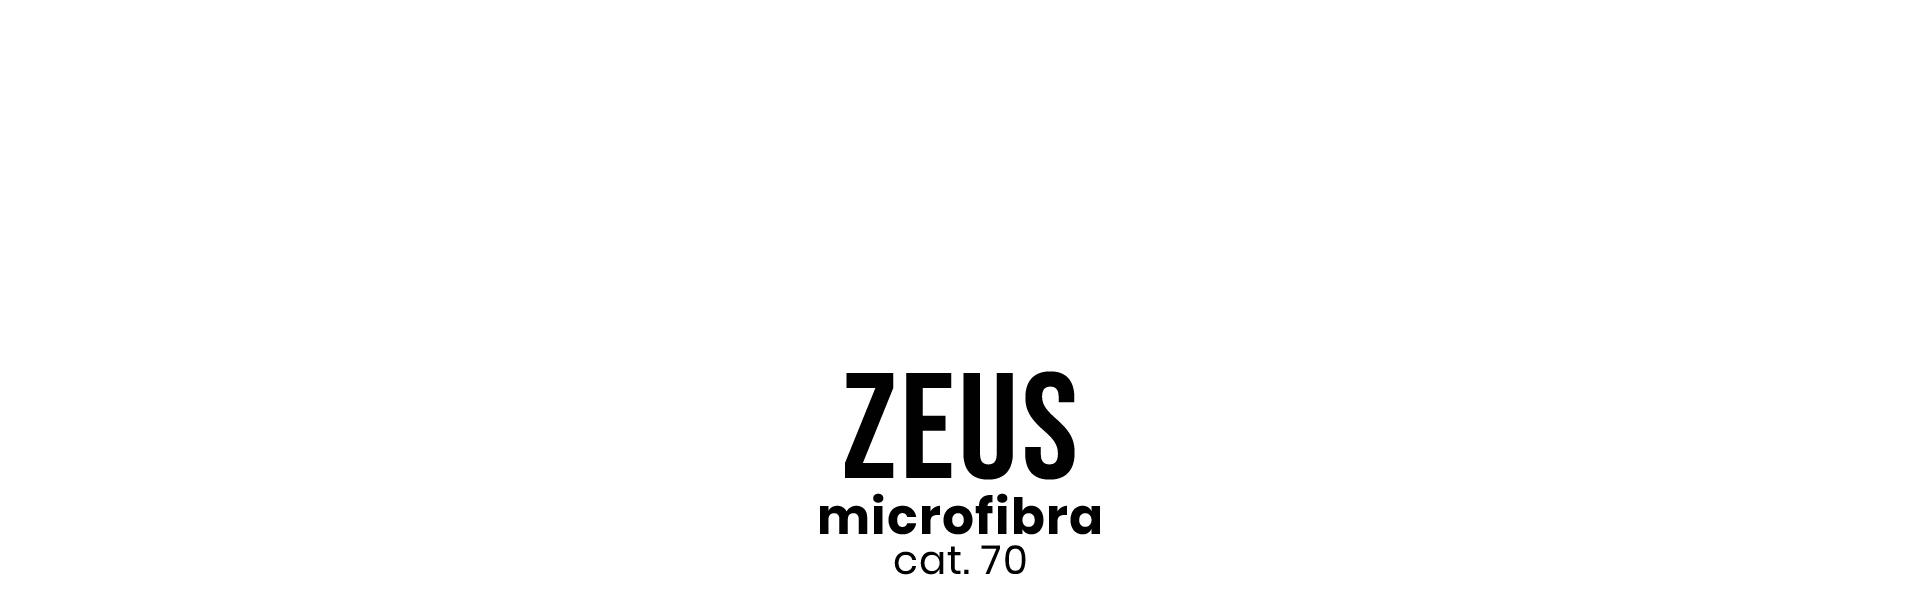 zeus - Copia